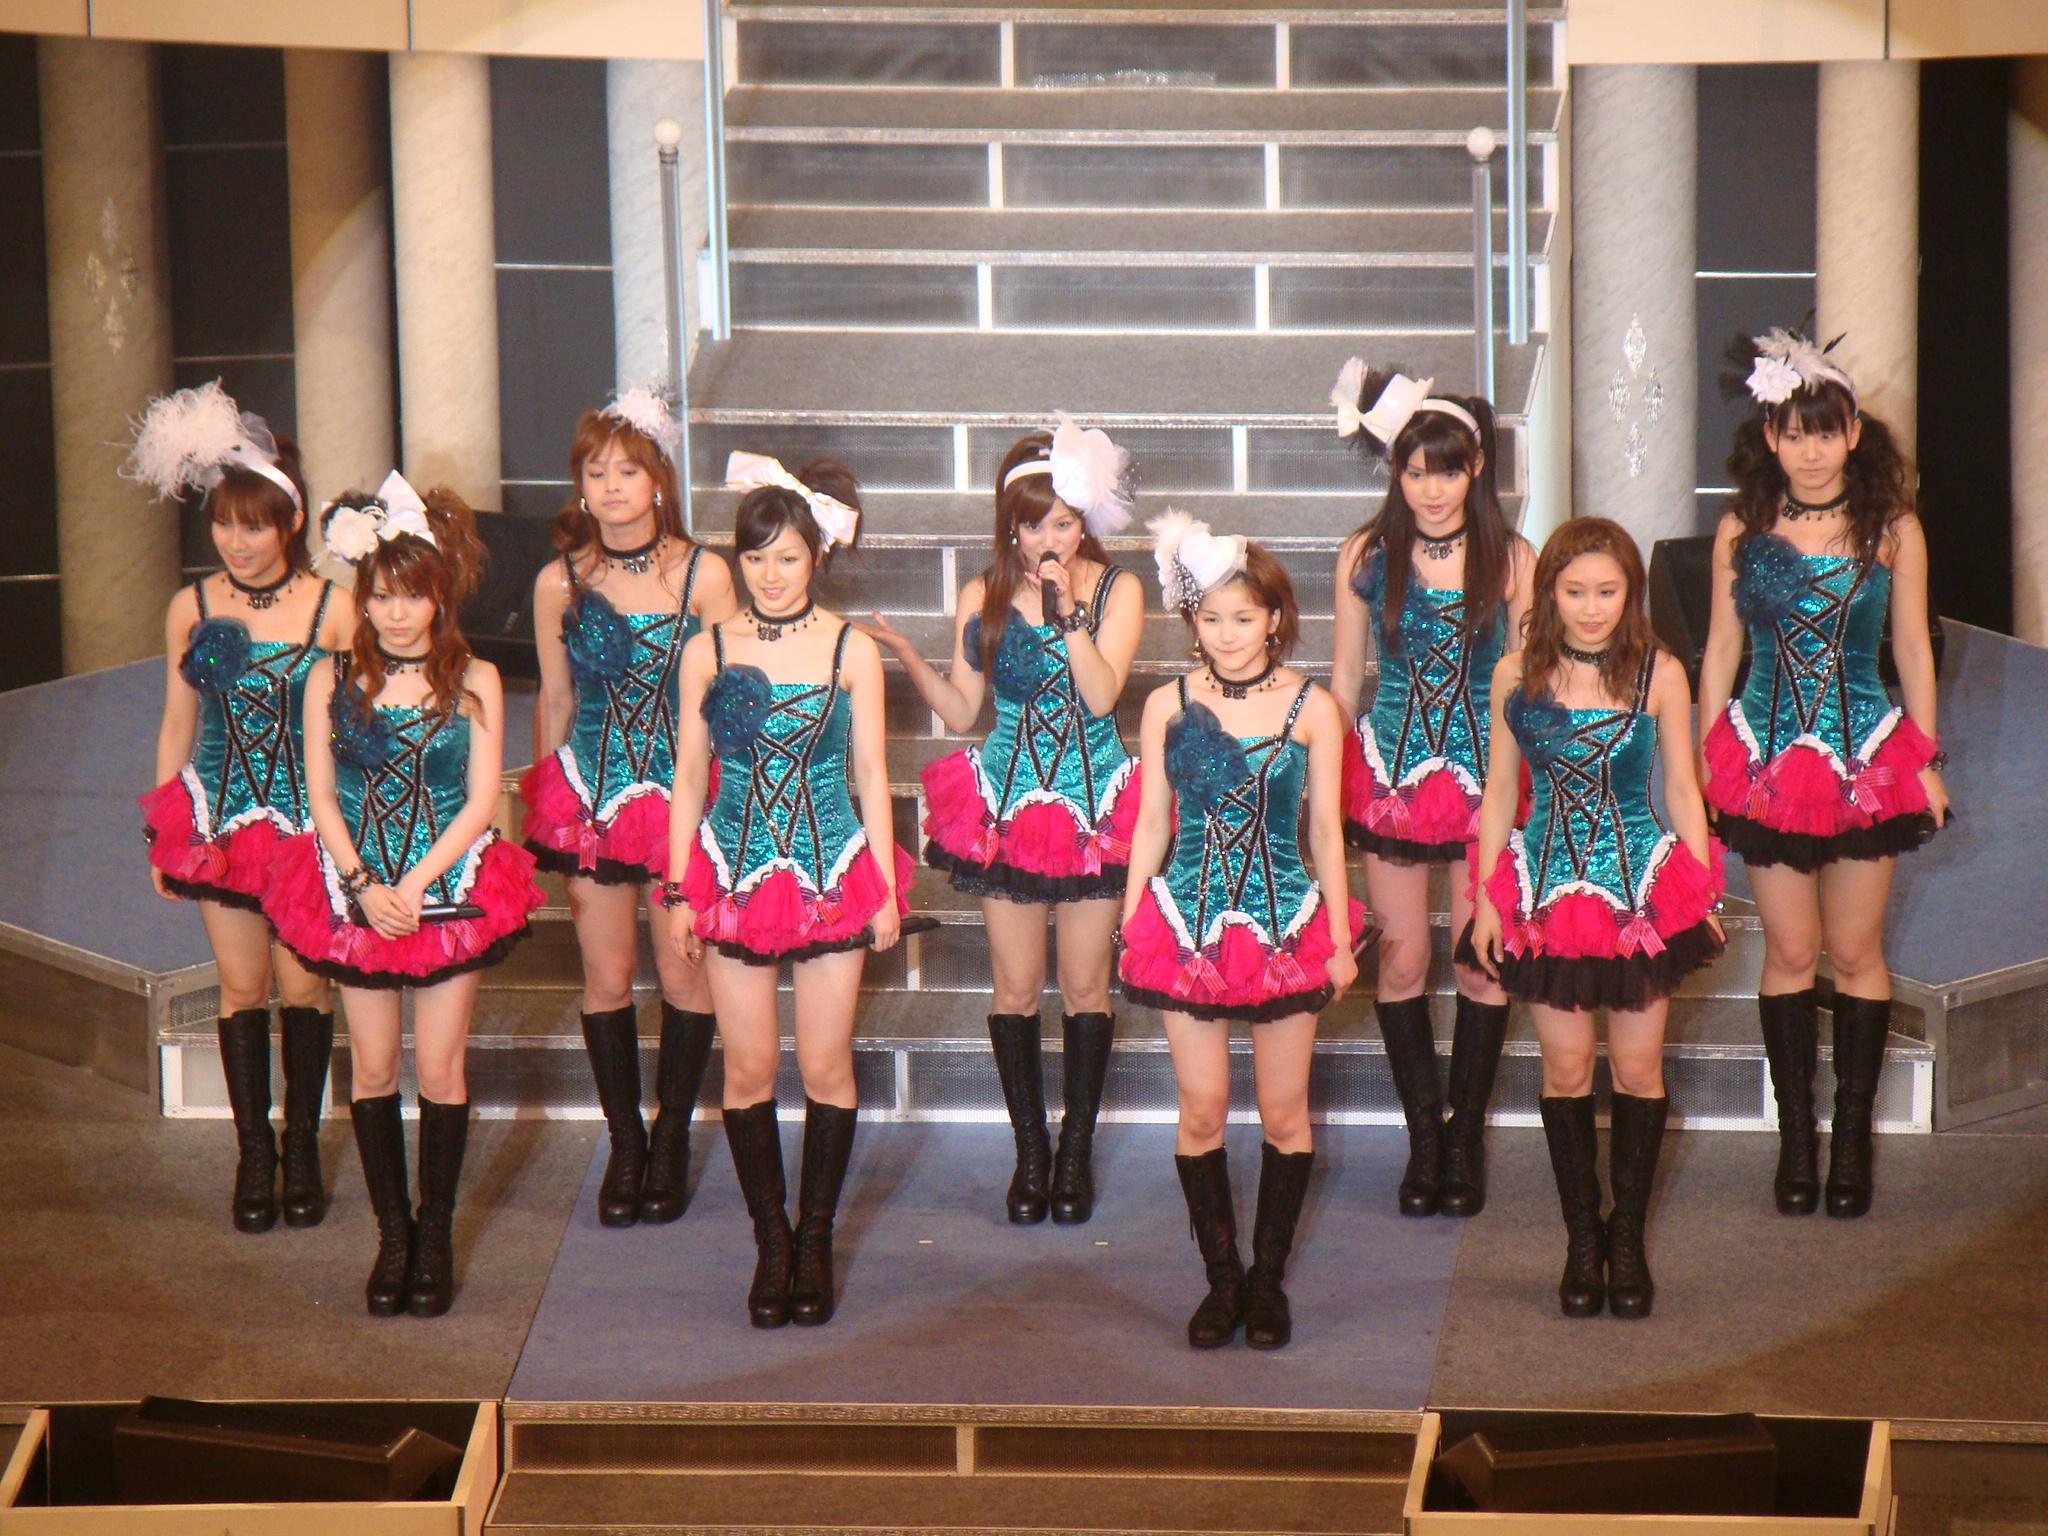 Японский девочки эротический журнал 8 фотография